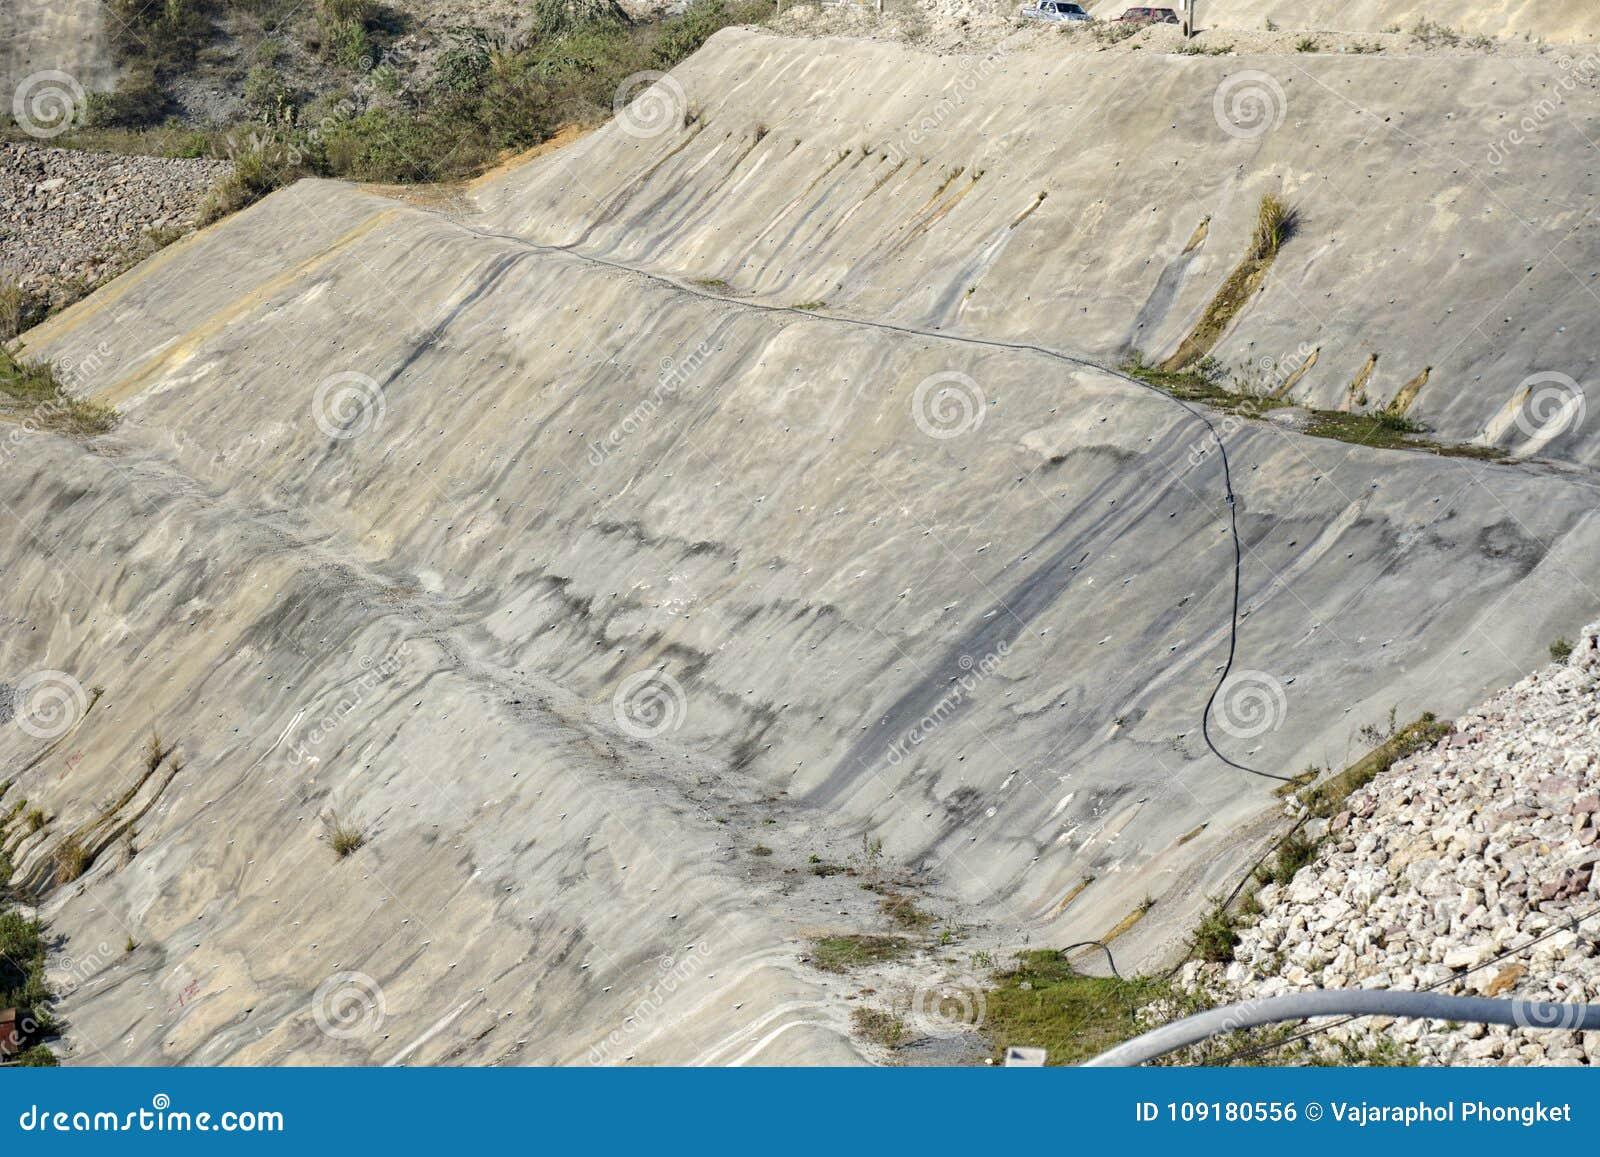 Protection de pente par le béton projeté sur le secteur excavé